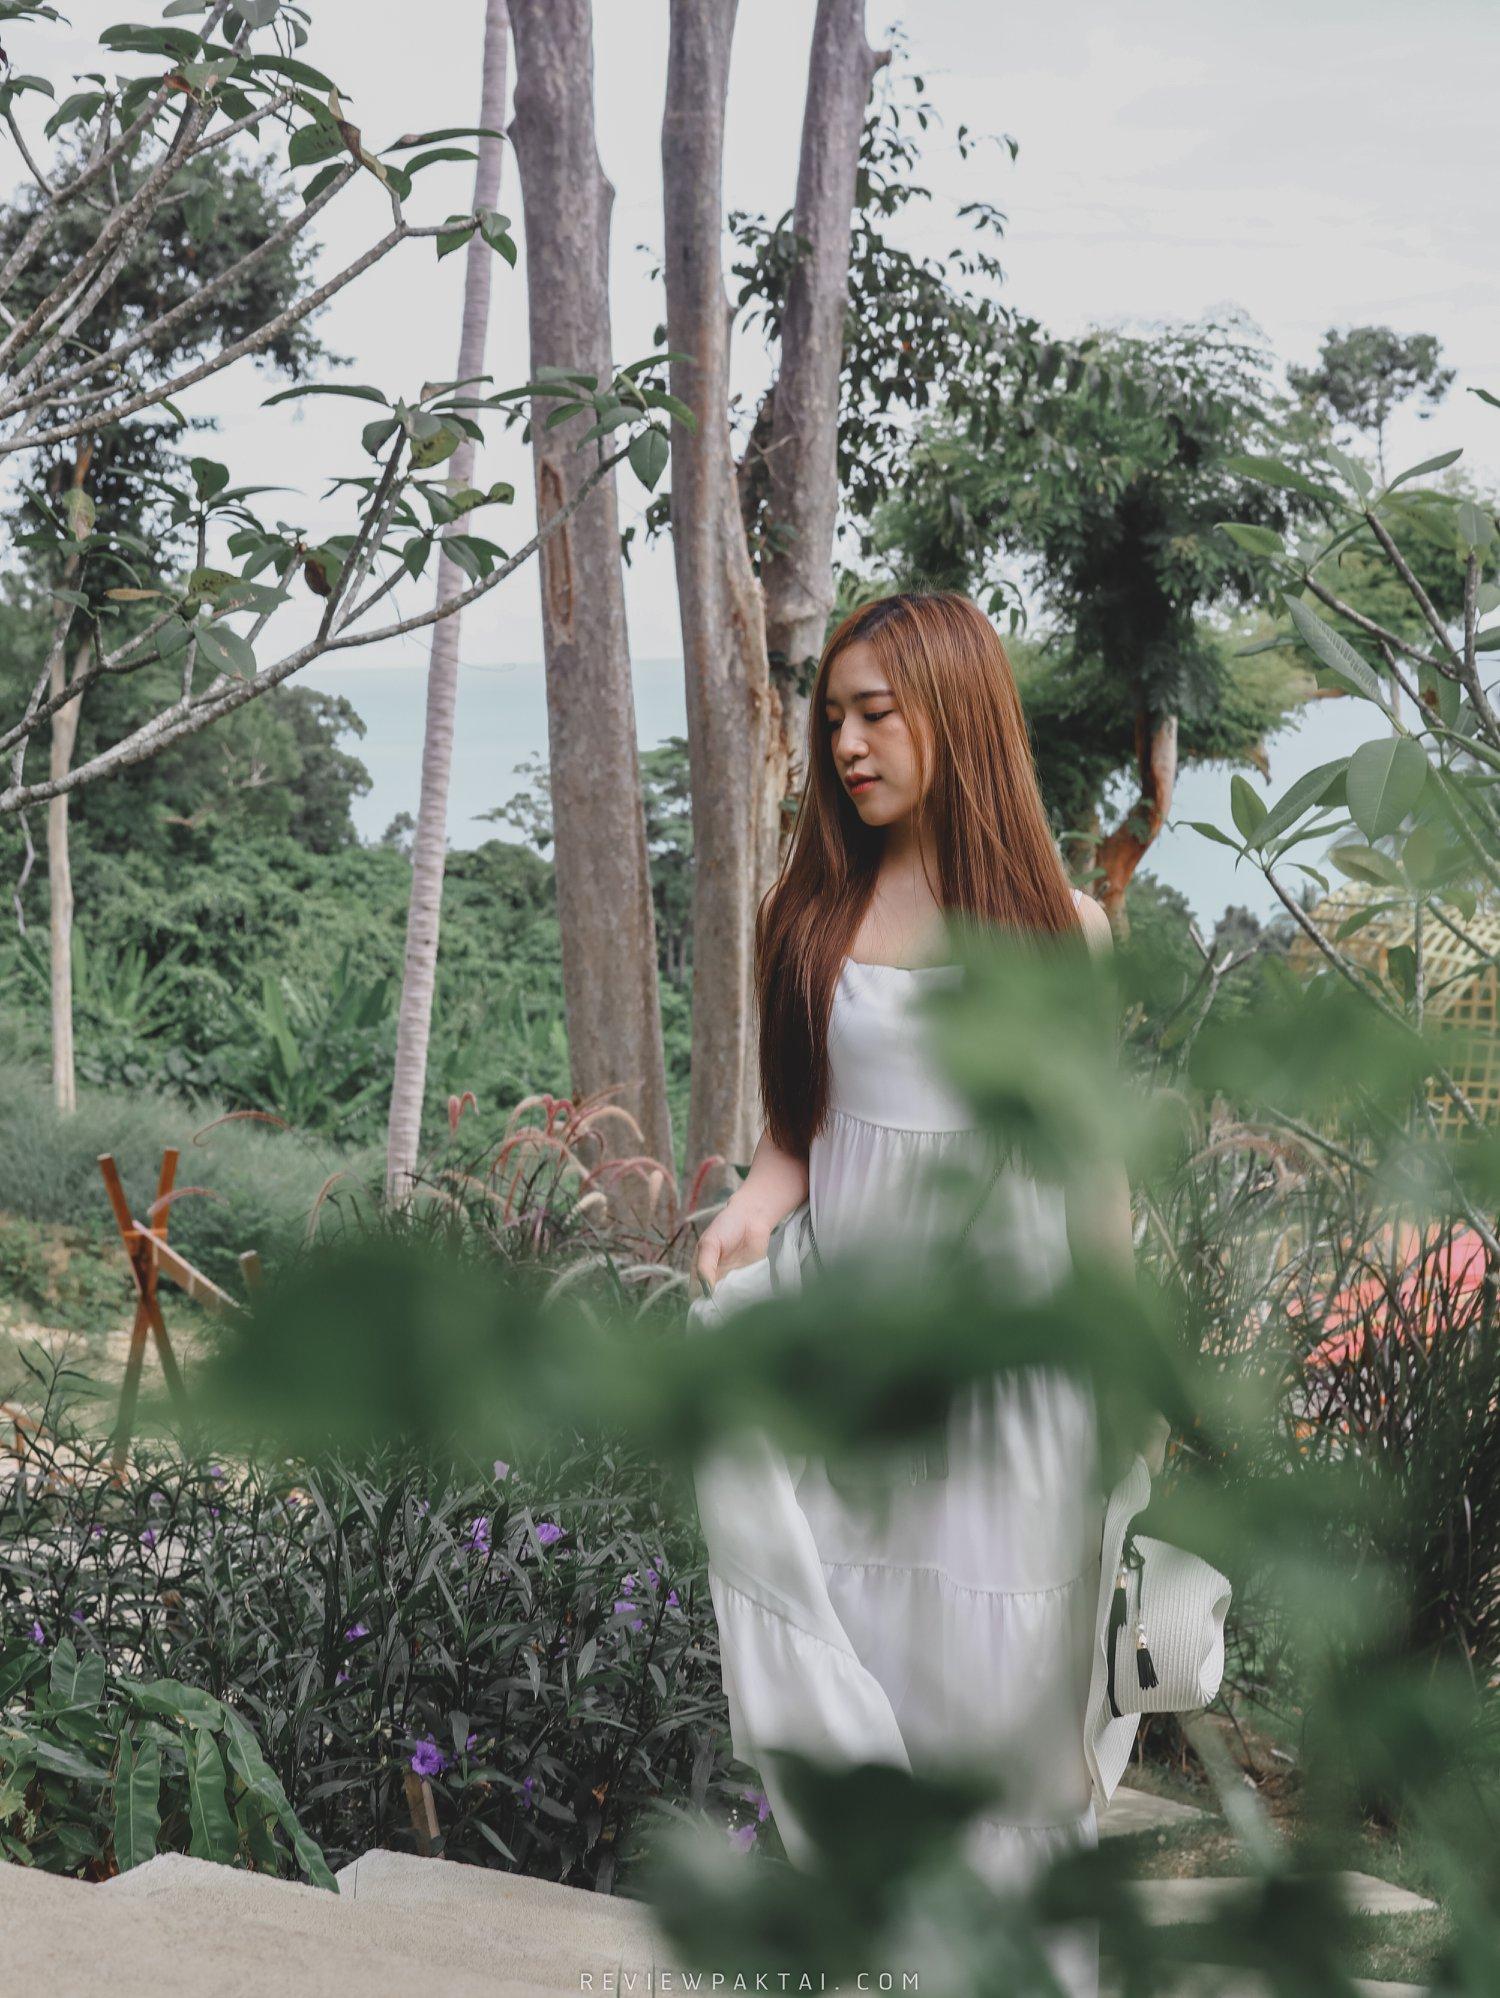 ถ่ายแนวๆ-ป่าๆ-เจ้าหญิงไรงี้-ฮ่าา ขนอม,คาเฟ่,Blueterrace,อร่อย,วิวหลักล้าน,กลางป่า,นครศรีธรรมราช